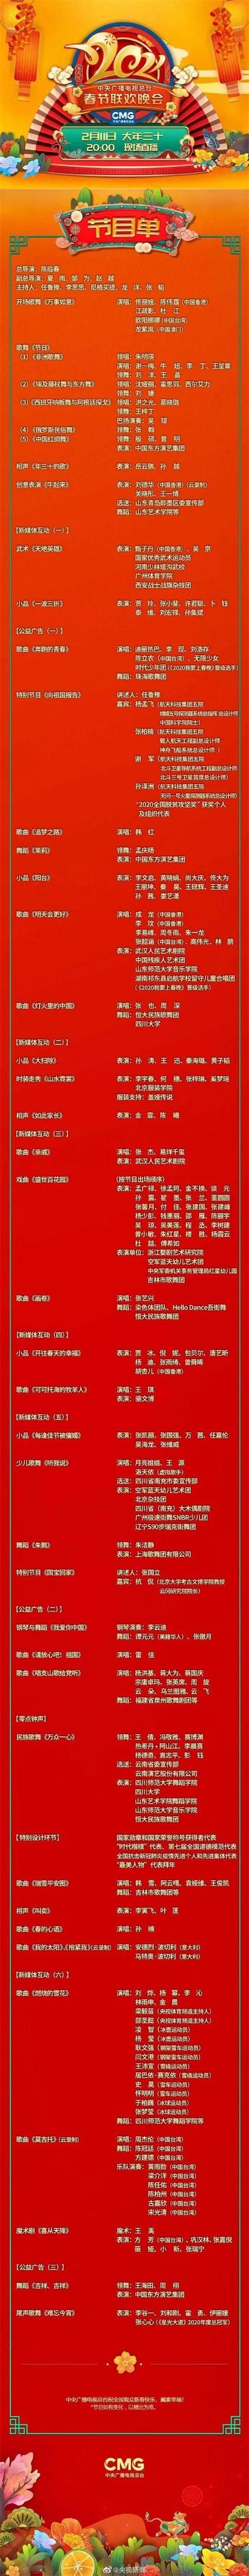 """官宣!2021年央视春晚节目单正式公布  主持人""""老带新""""语言类节目变少歌舞类增多"""